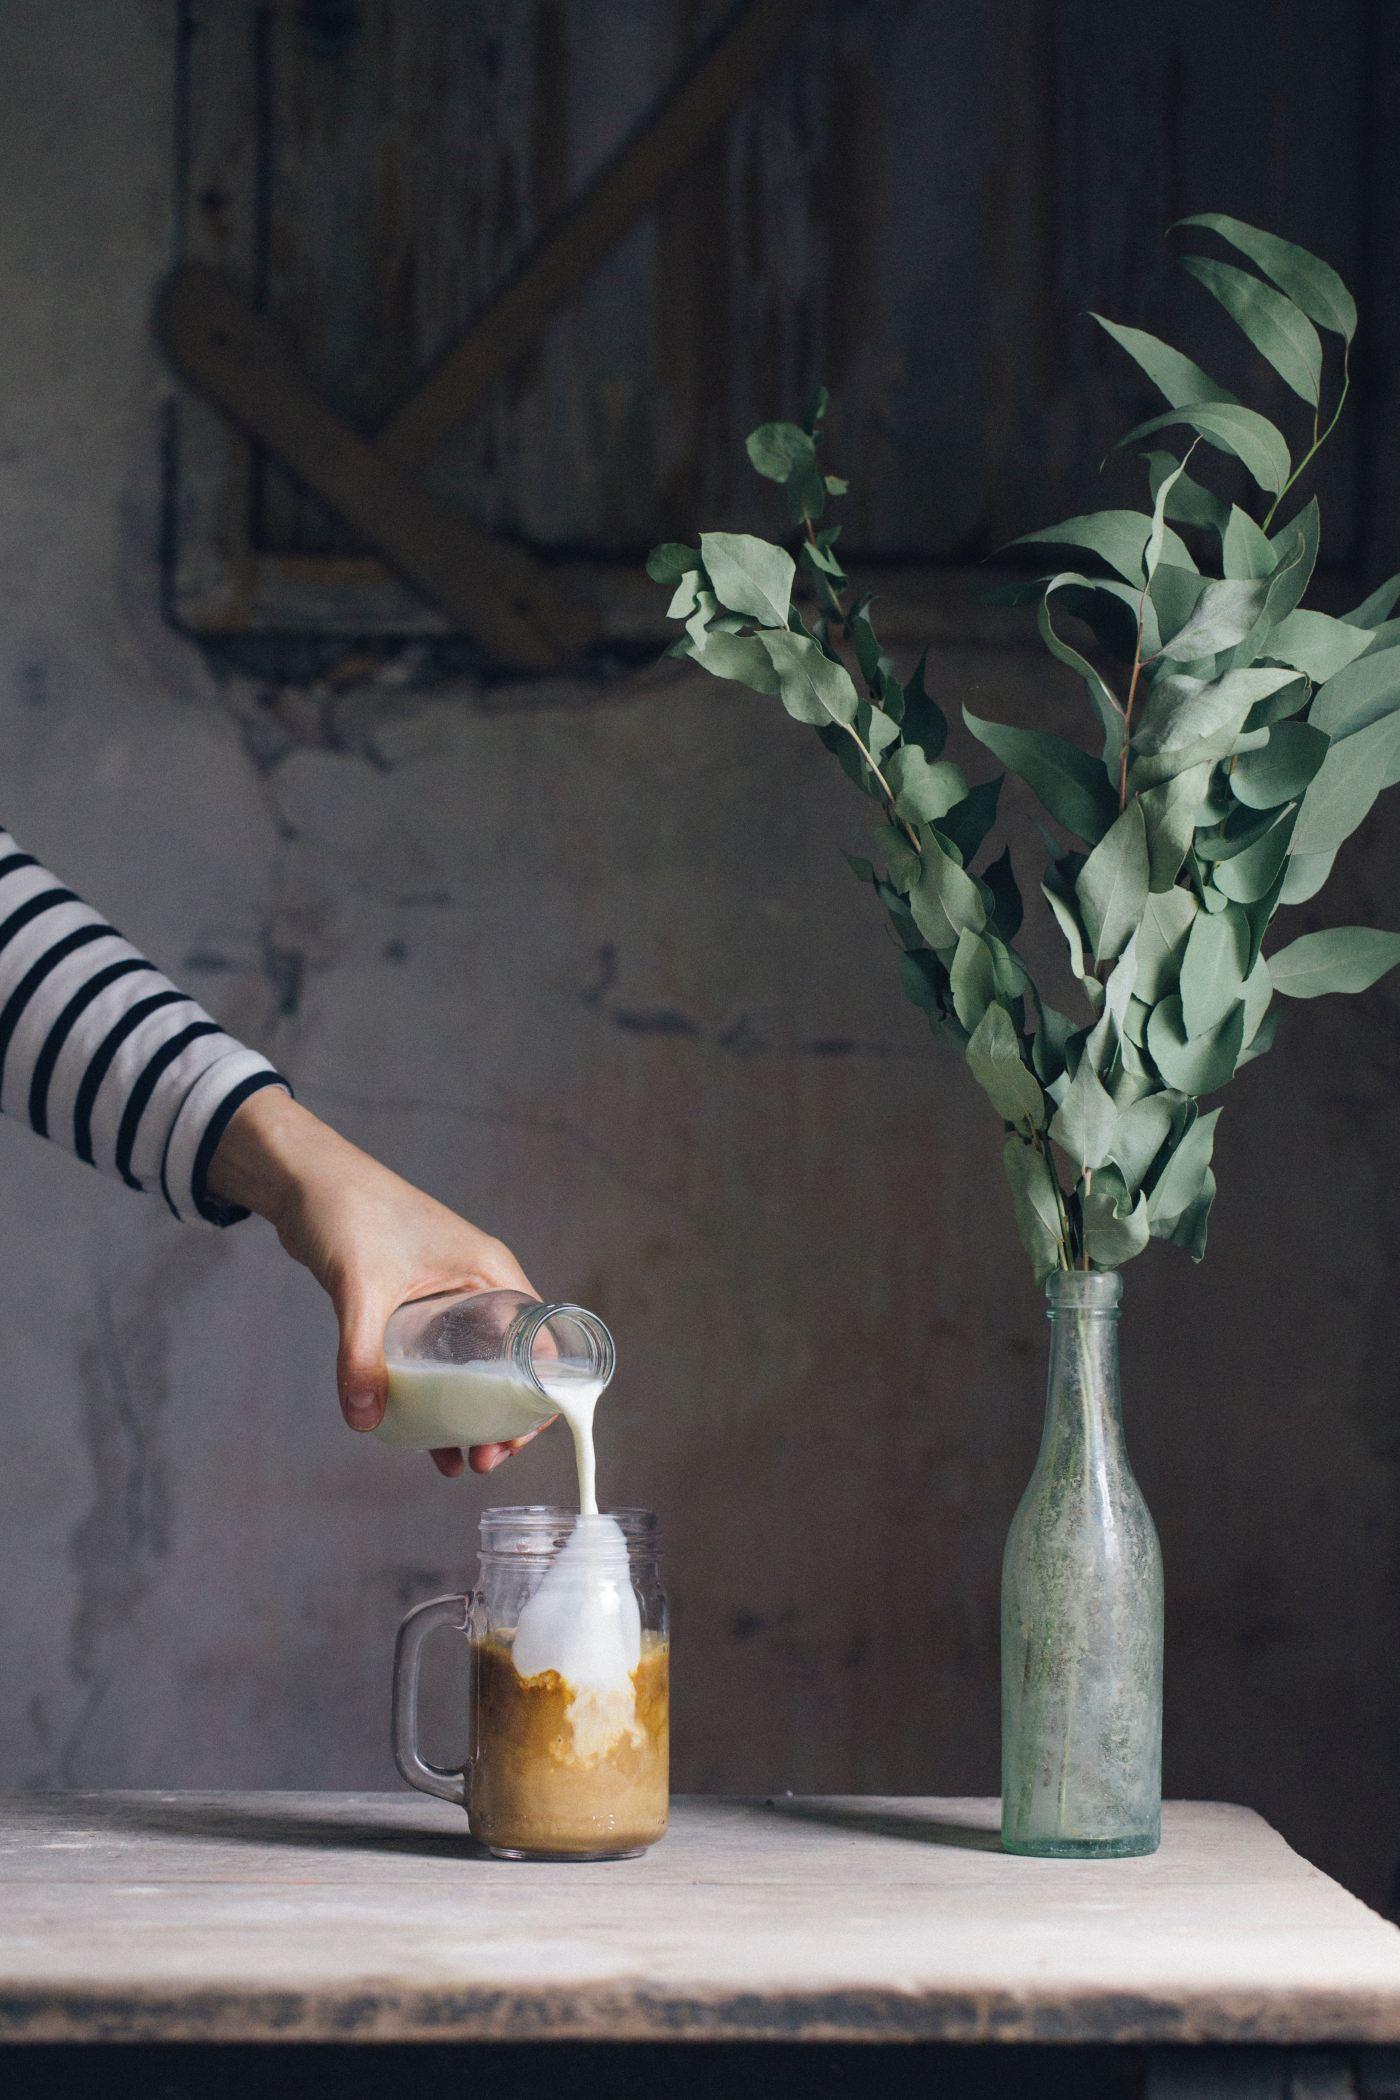 3 recettes avec Inspirazione Salentina de Nespresso, nespresso, cote d'ivoire, serialfoodie